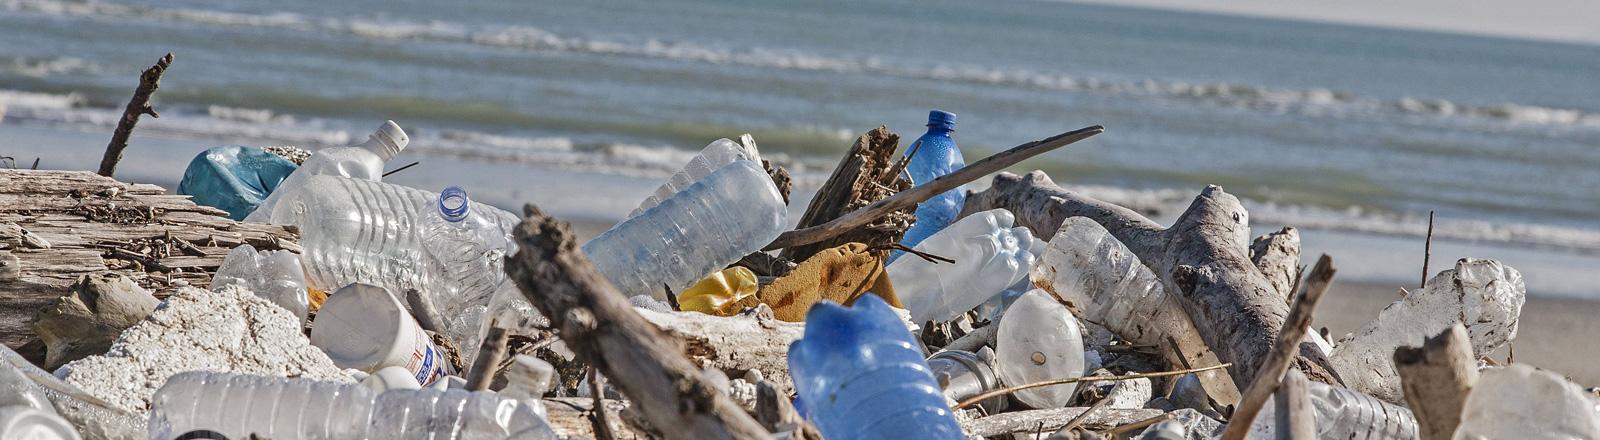 Am Meer liegen Plastikflaschen.